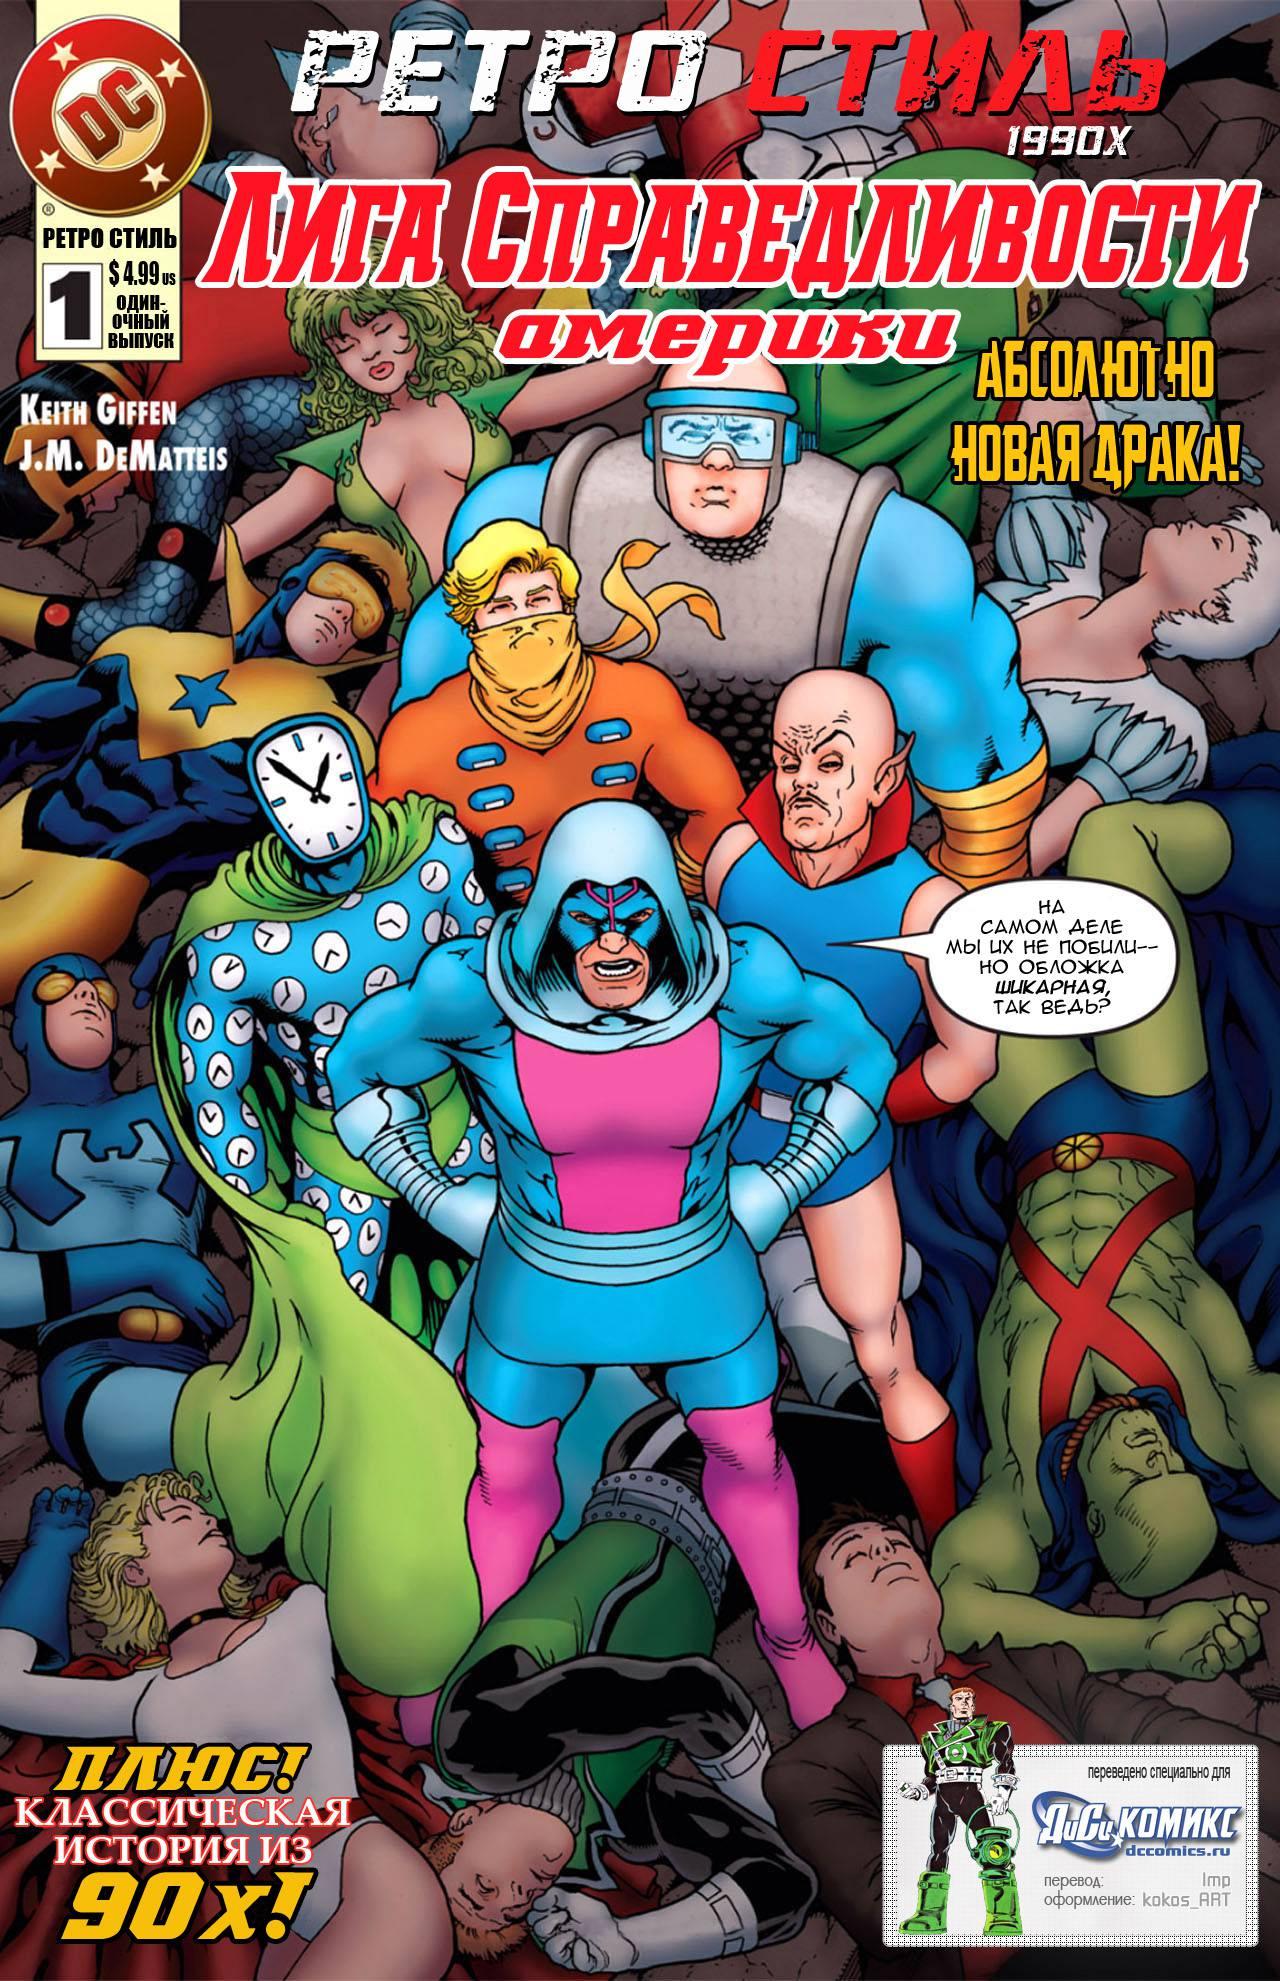 Ретро Стиль DC: Лига Справедливости Америки 90е онлайн